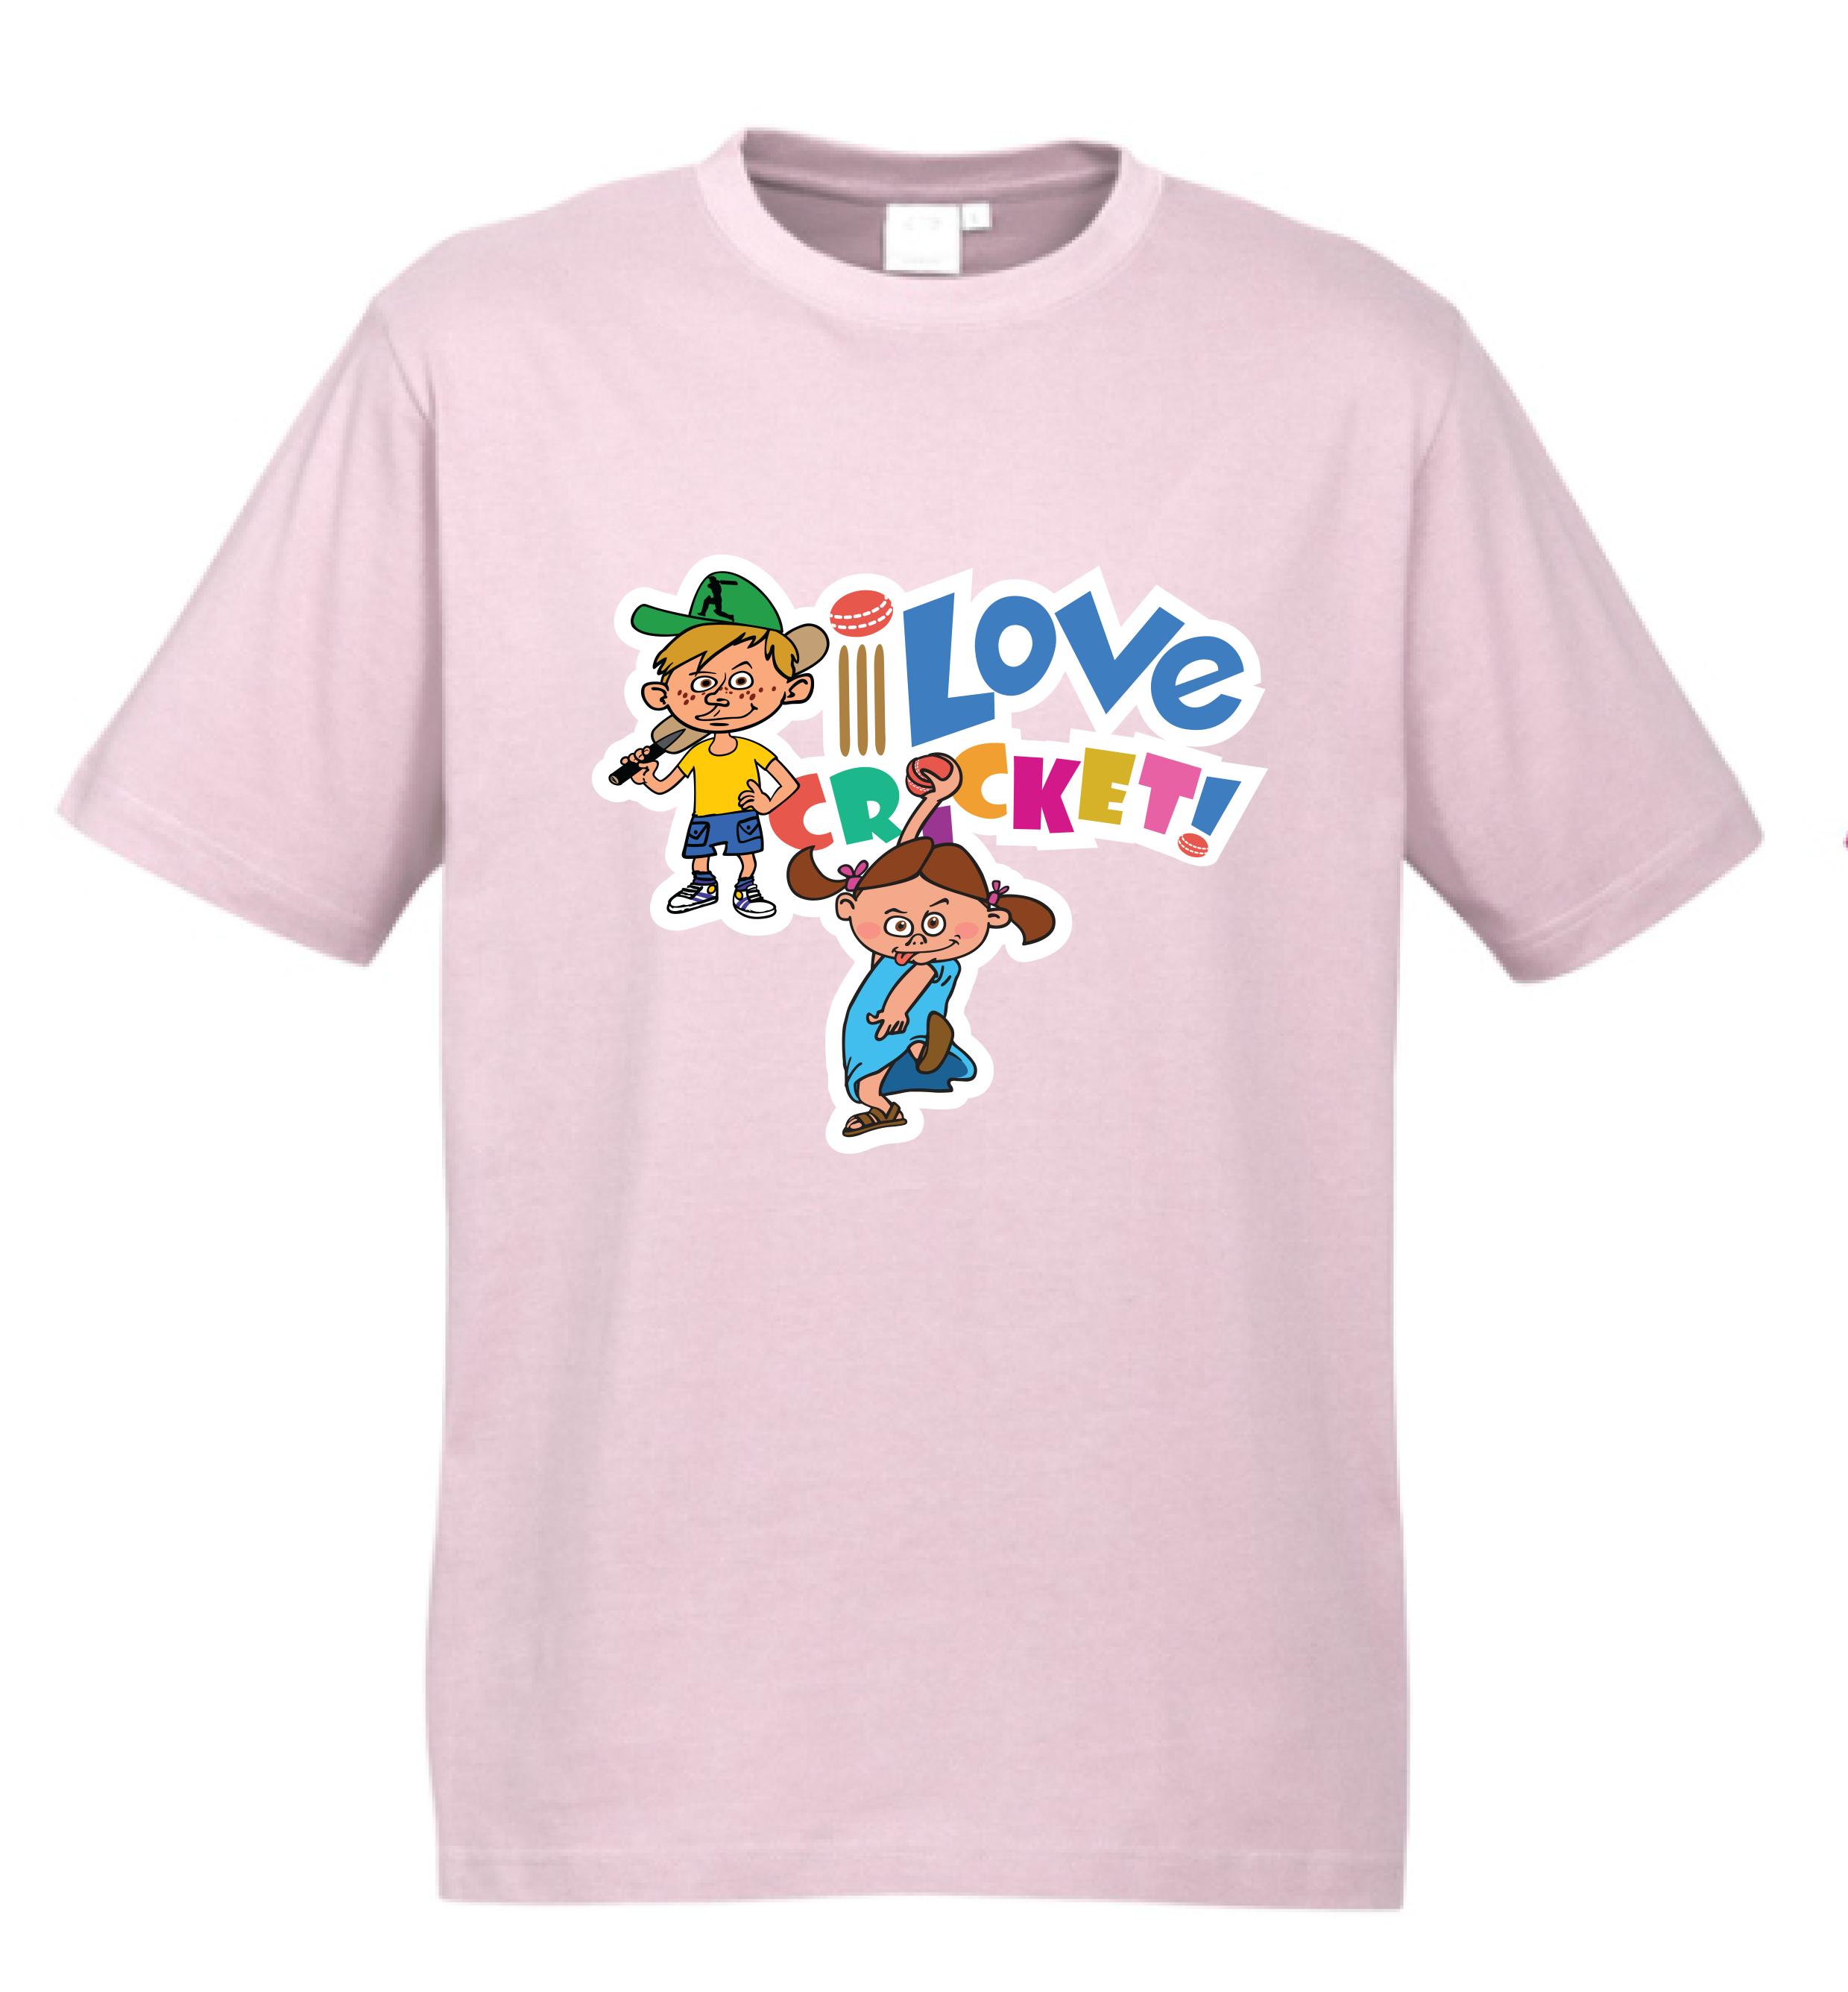 T-shirt - 'I Love Cricket' Light Pink